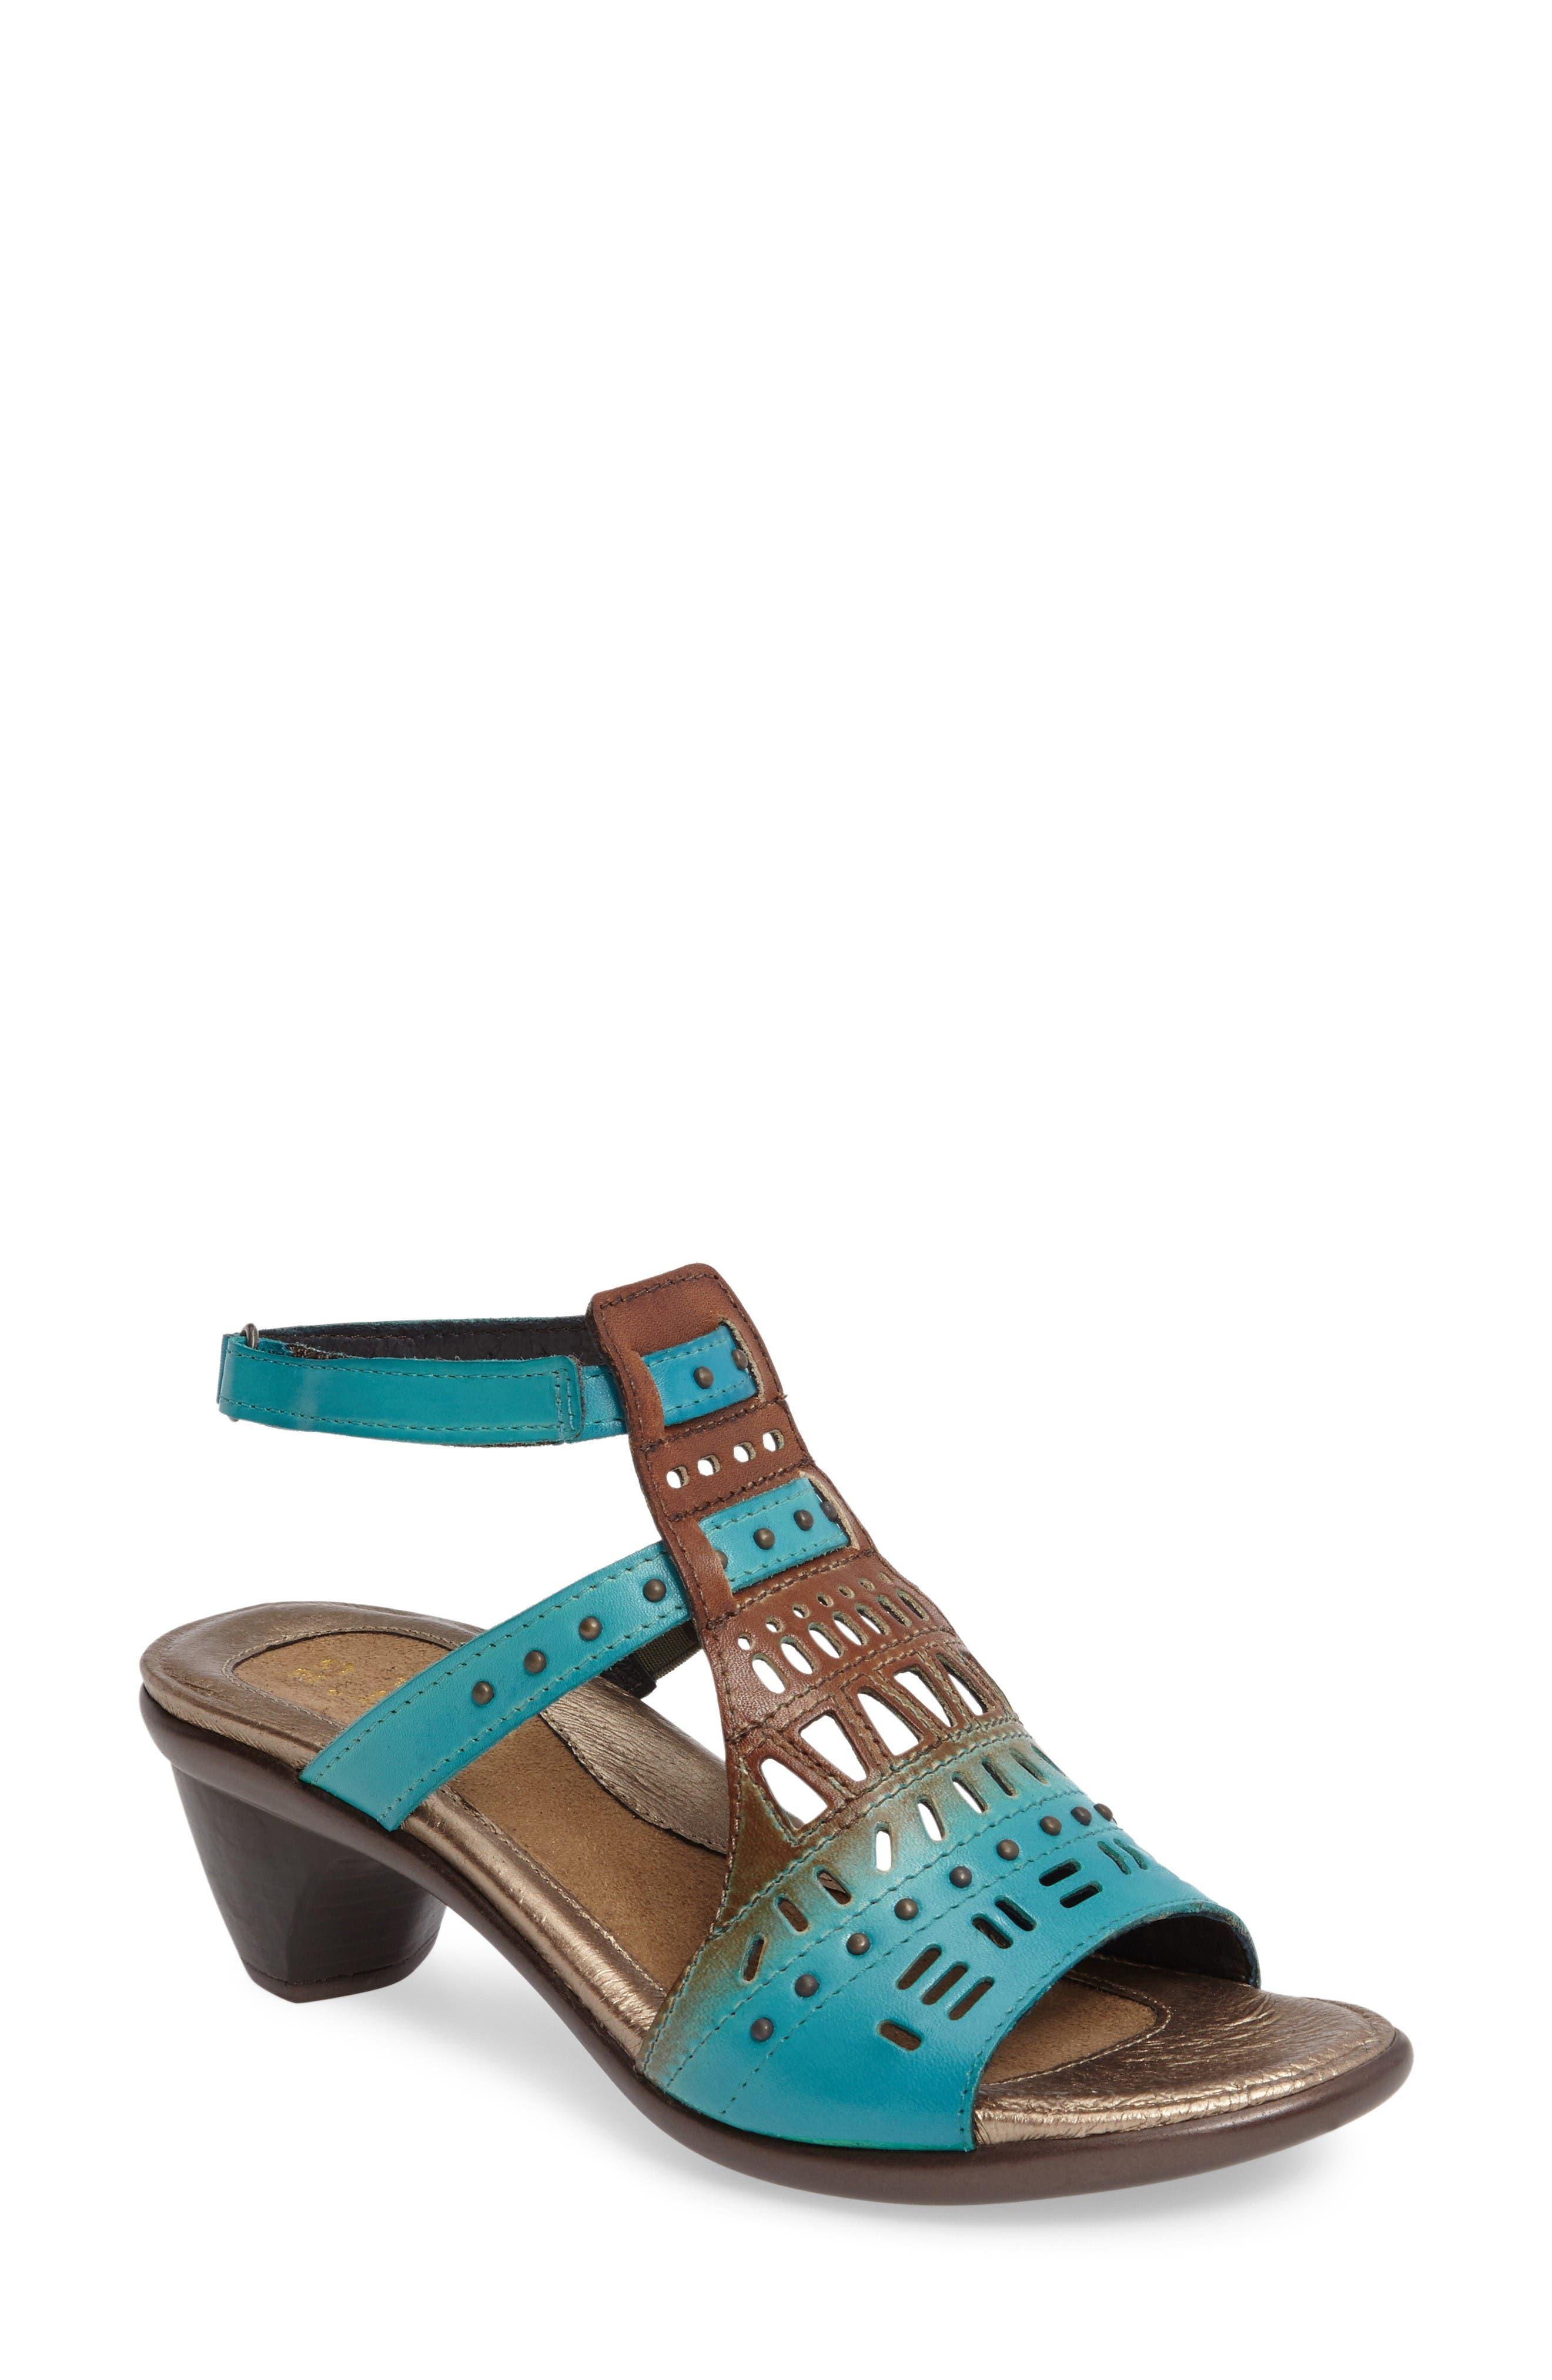 NAOT 'Vogue' Sandal